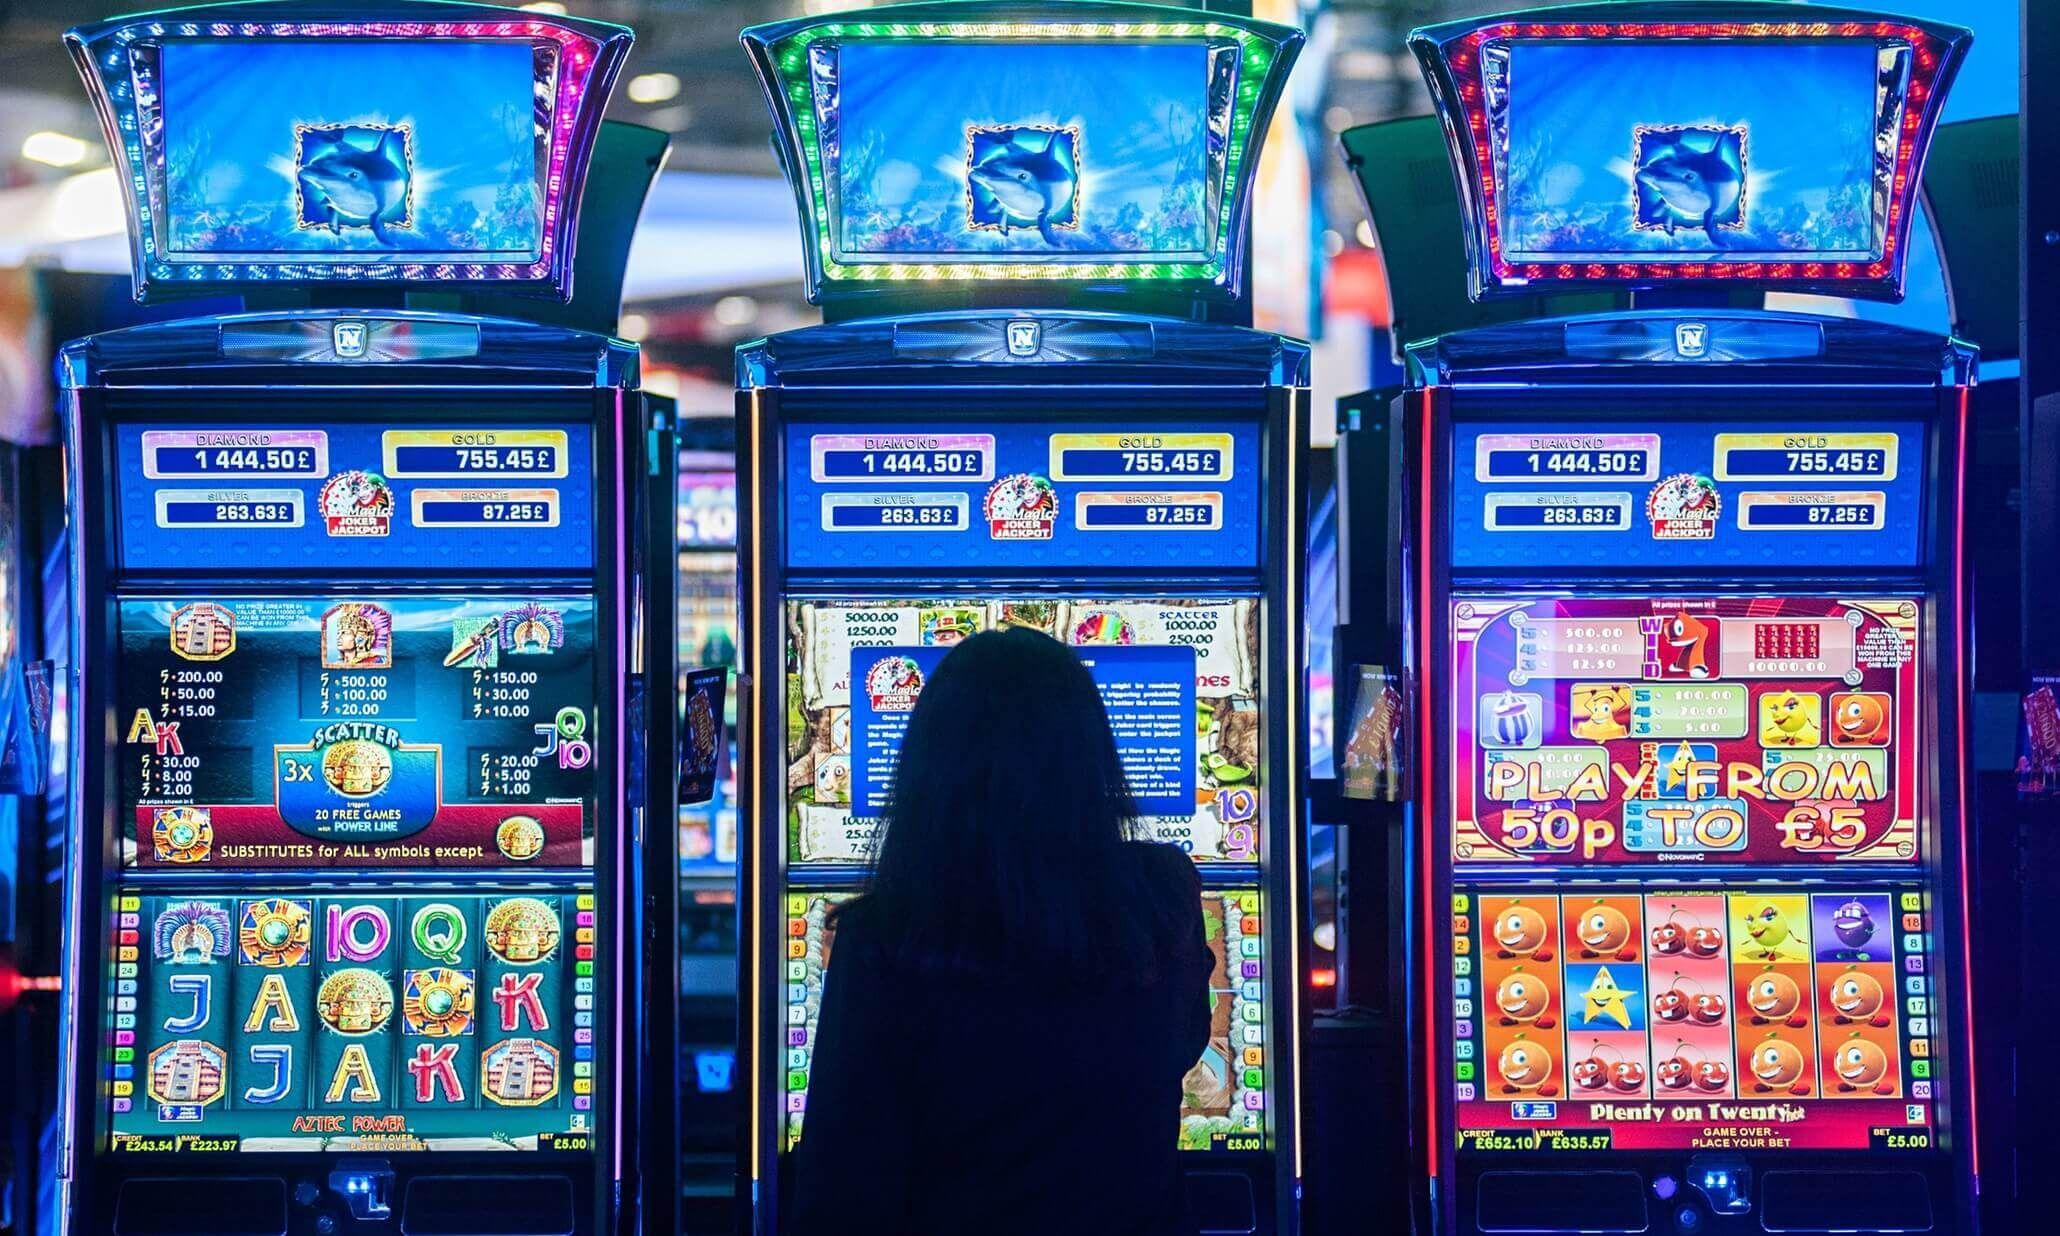 Бесплатные игры рулетка и игровые автоматы онлайн казино bitcoin